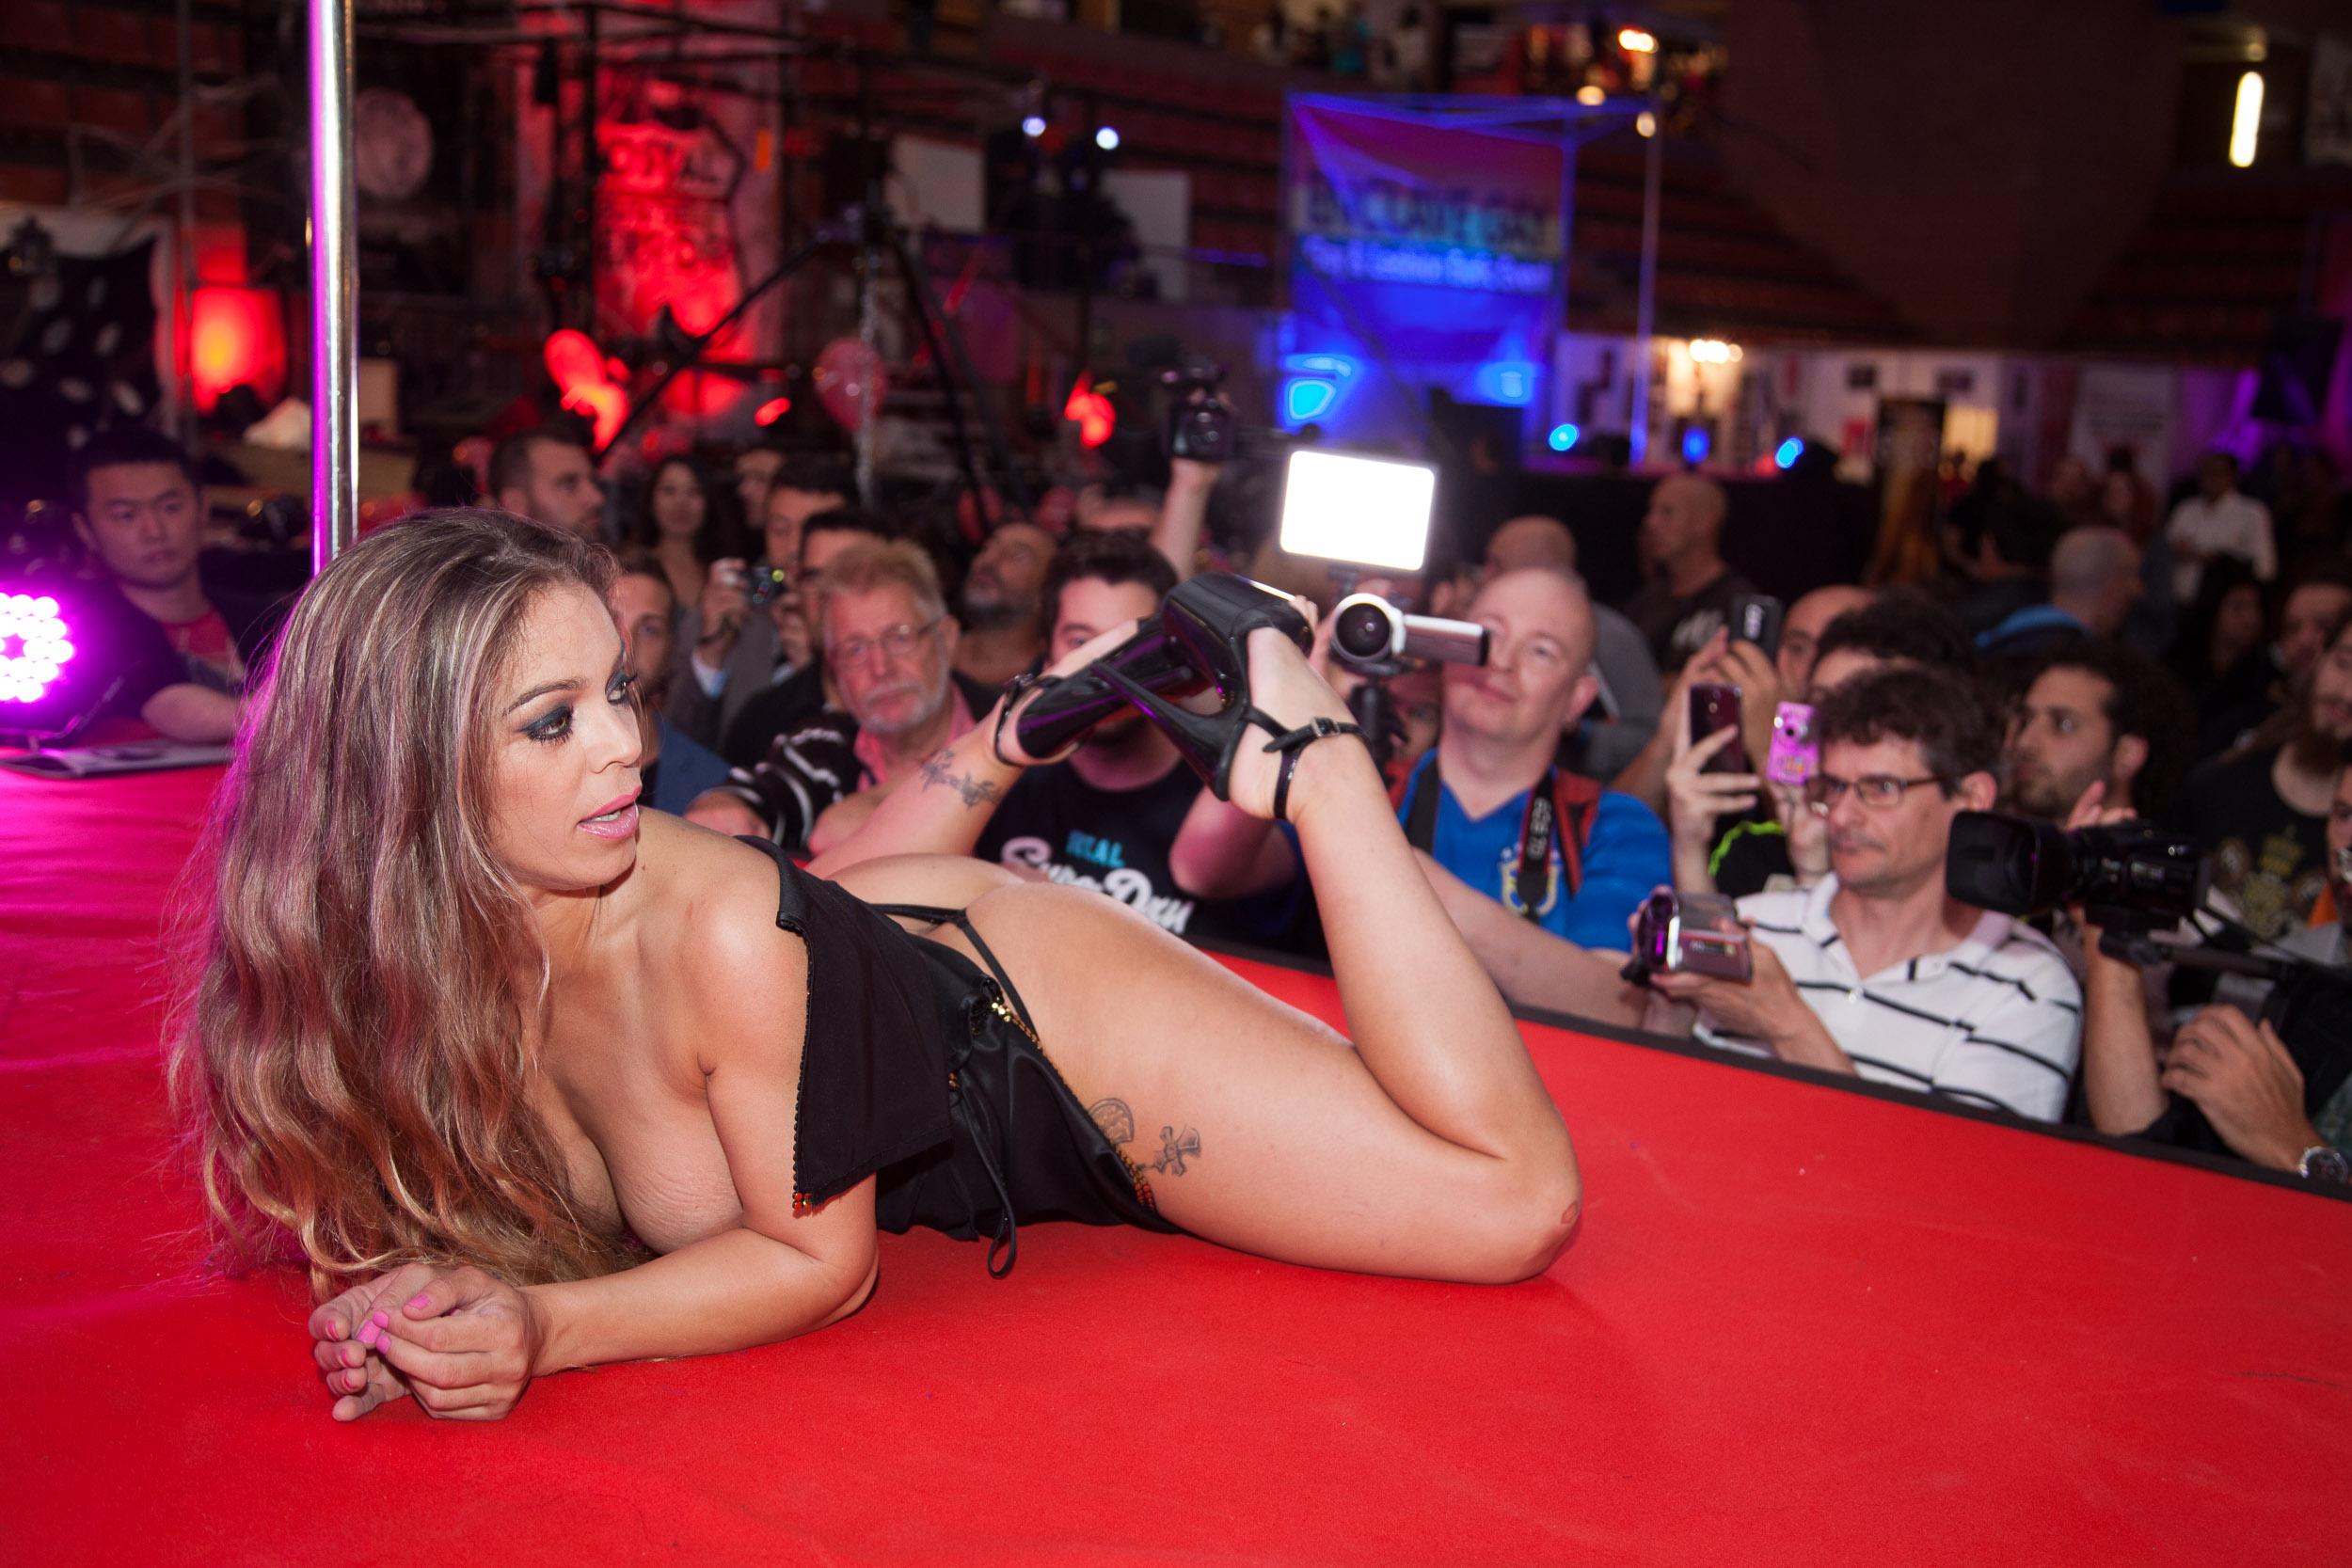 Noemi Bcn Porno qué vas a encontrar en el salón erótico de barcelona | bcn